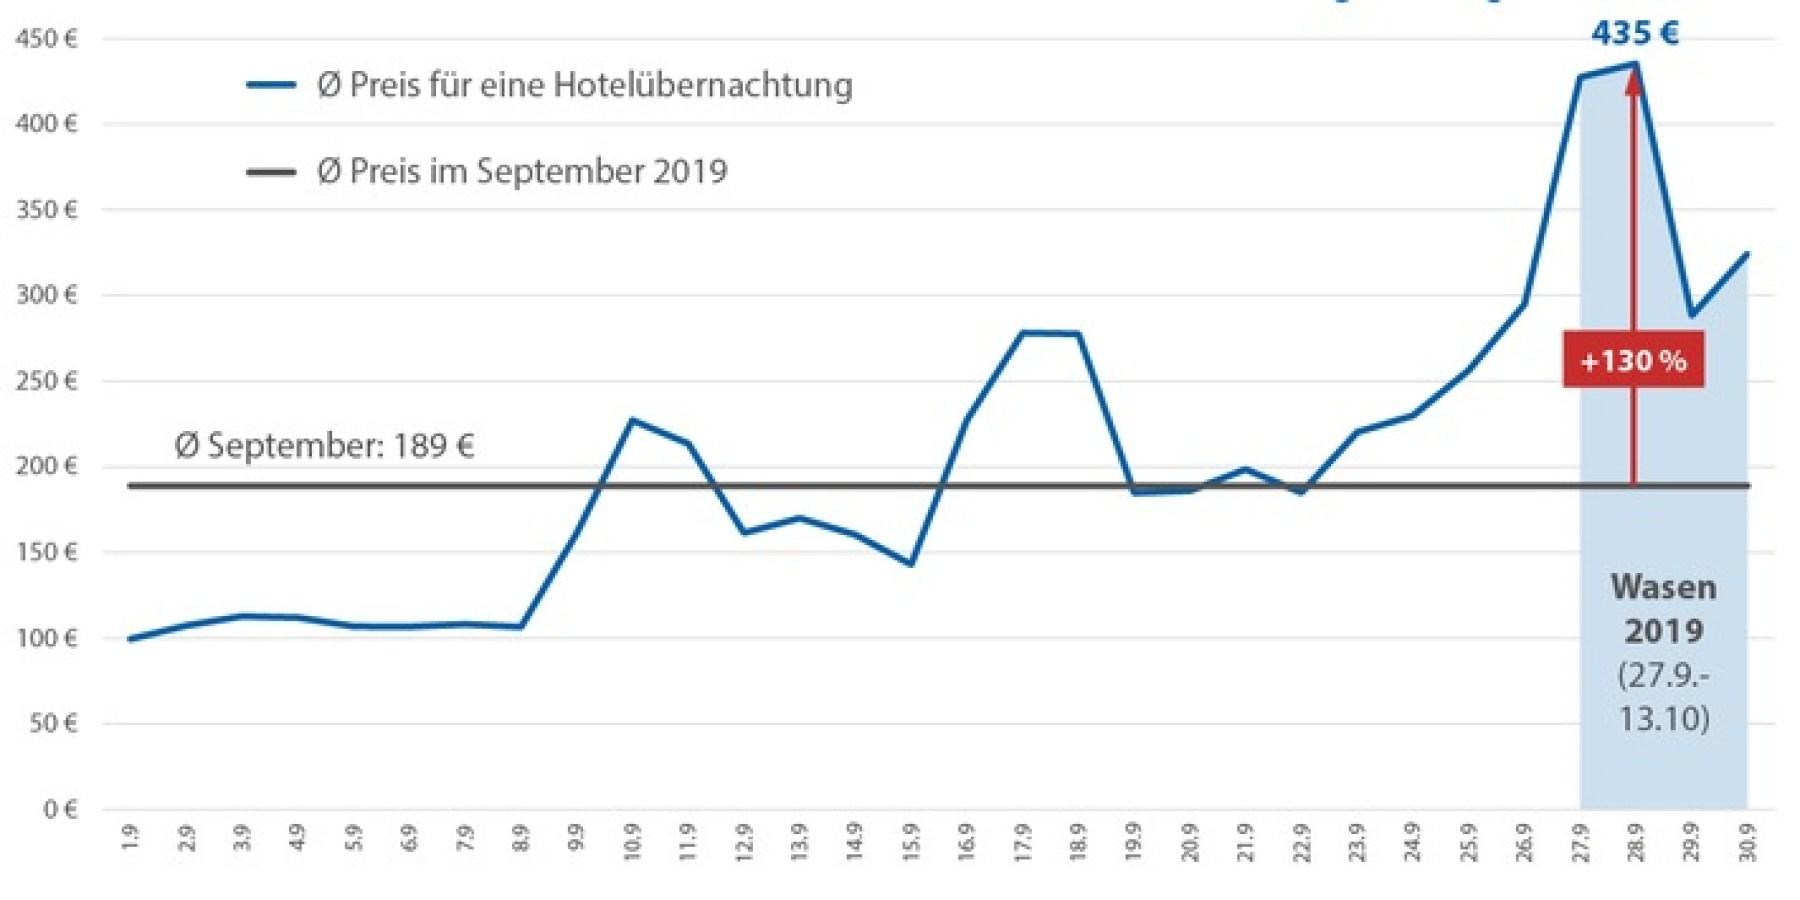 Cannstatter Wasen toppt Münchner Wiesn bei den Übernachtungspreisen